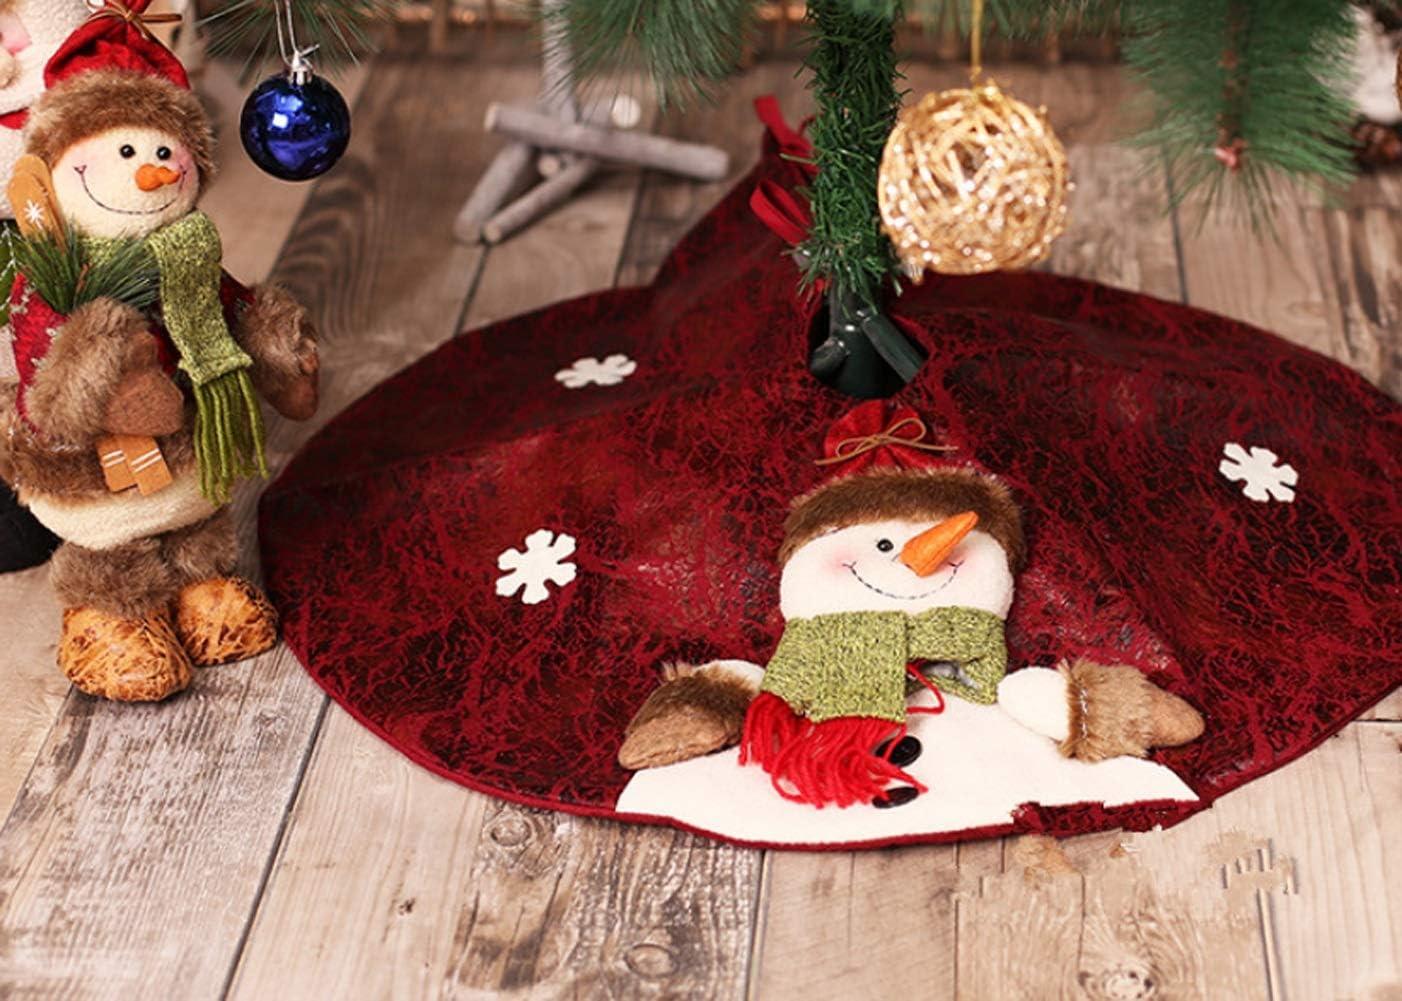 """Falda de /árbol de Navidad Delantal Tridimensional con Viejo y mu/ñeco de Nieve para el /Árbol Decoraci/ón Casa para Navidad Fiesta Vacaciones Color : Snowman NIUFGC 60cm//27/"""" Falda de /Árbol de Navidad"""